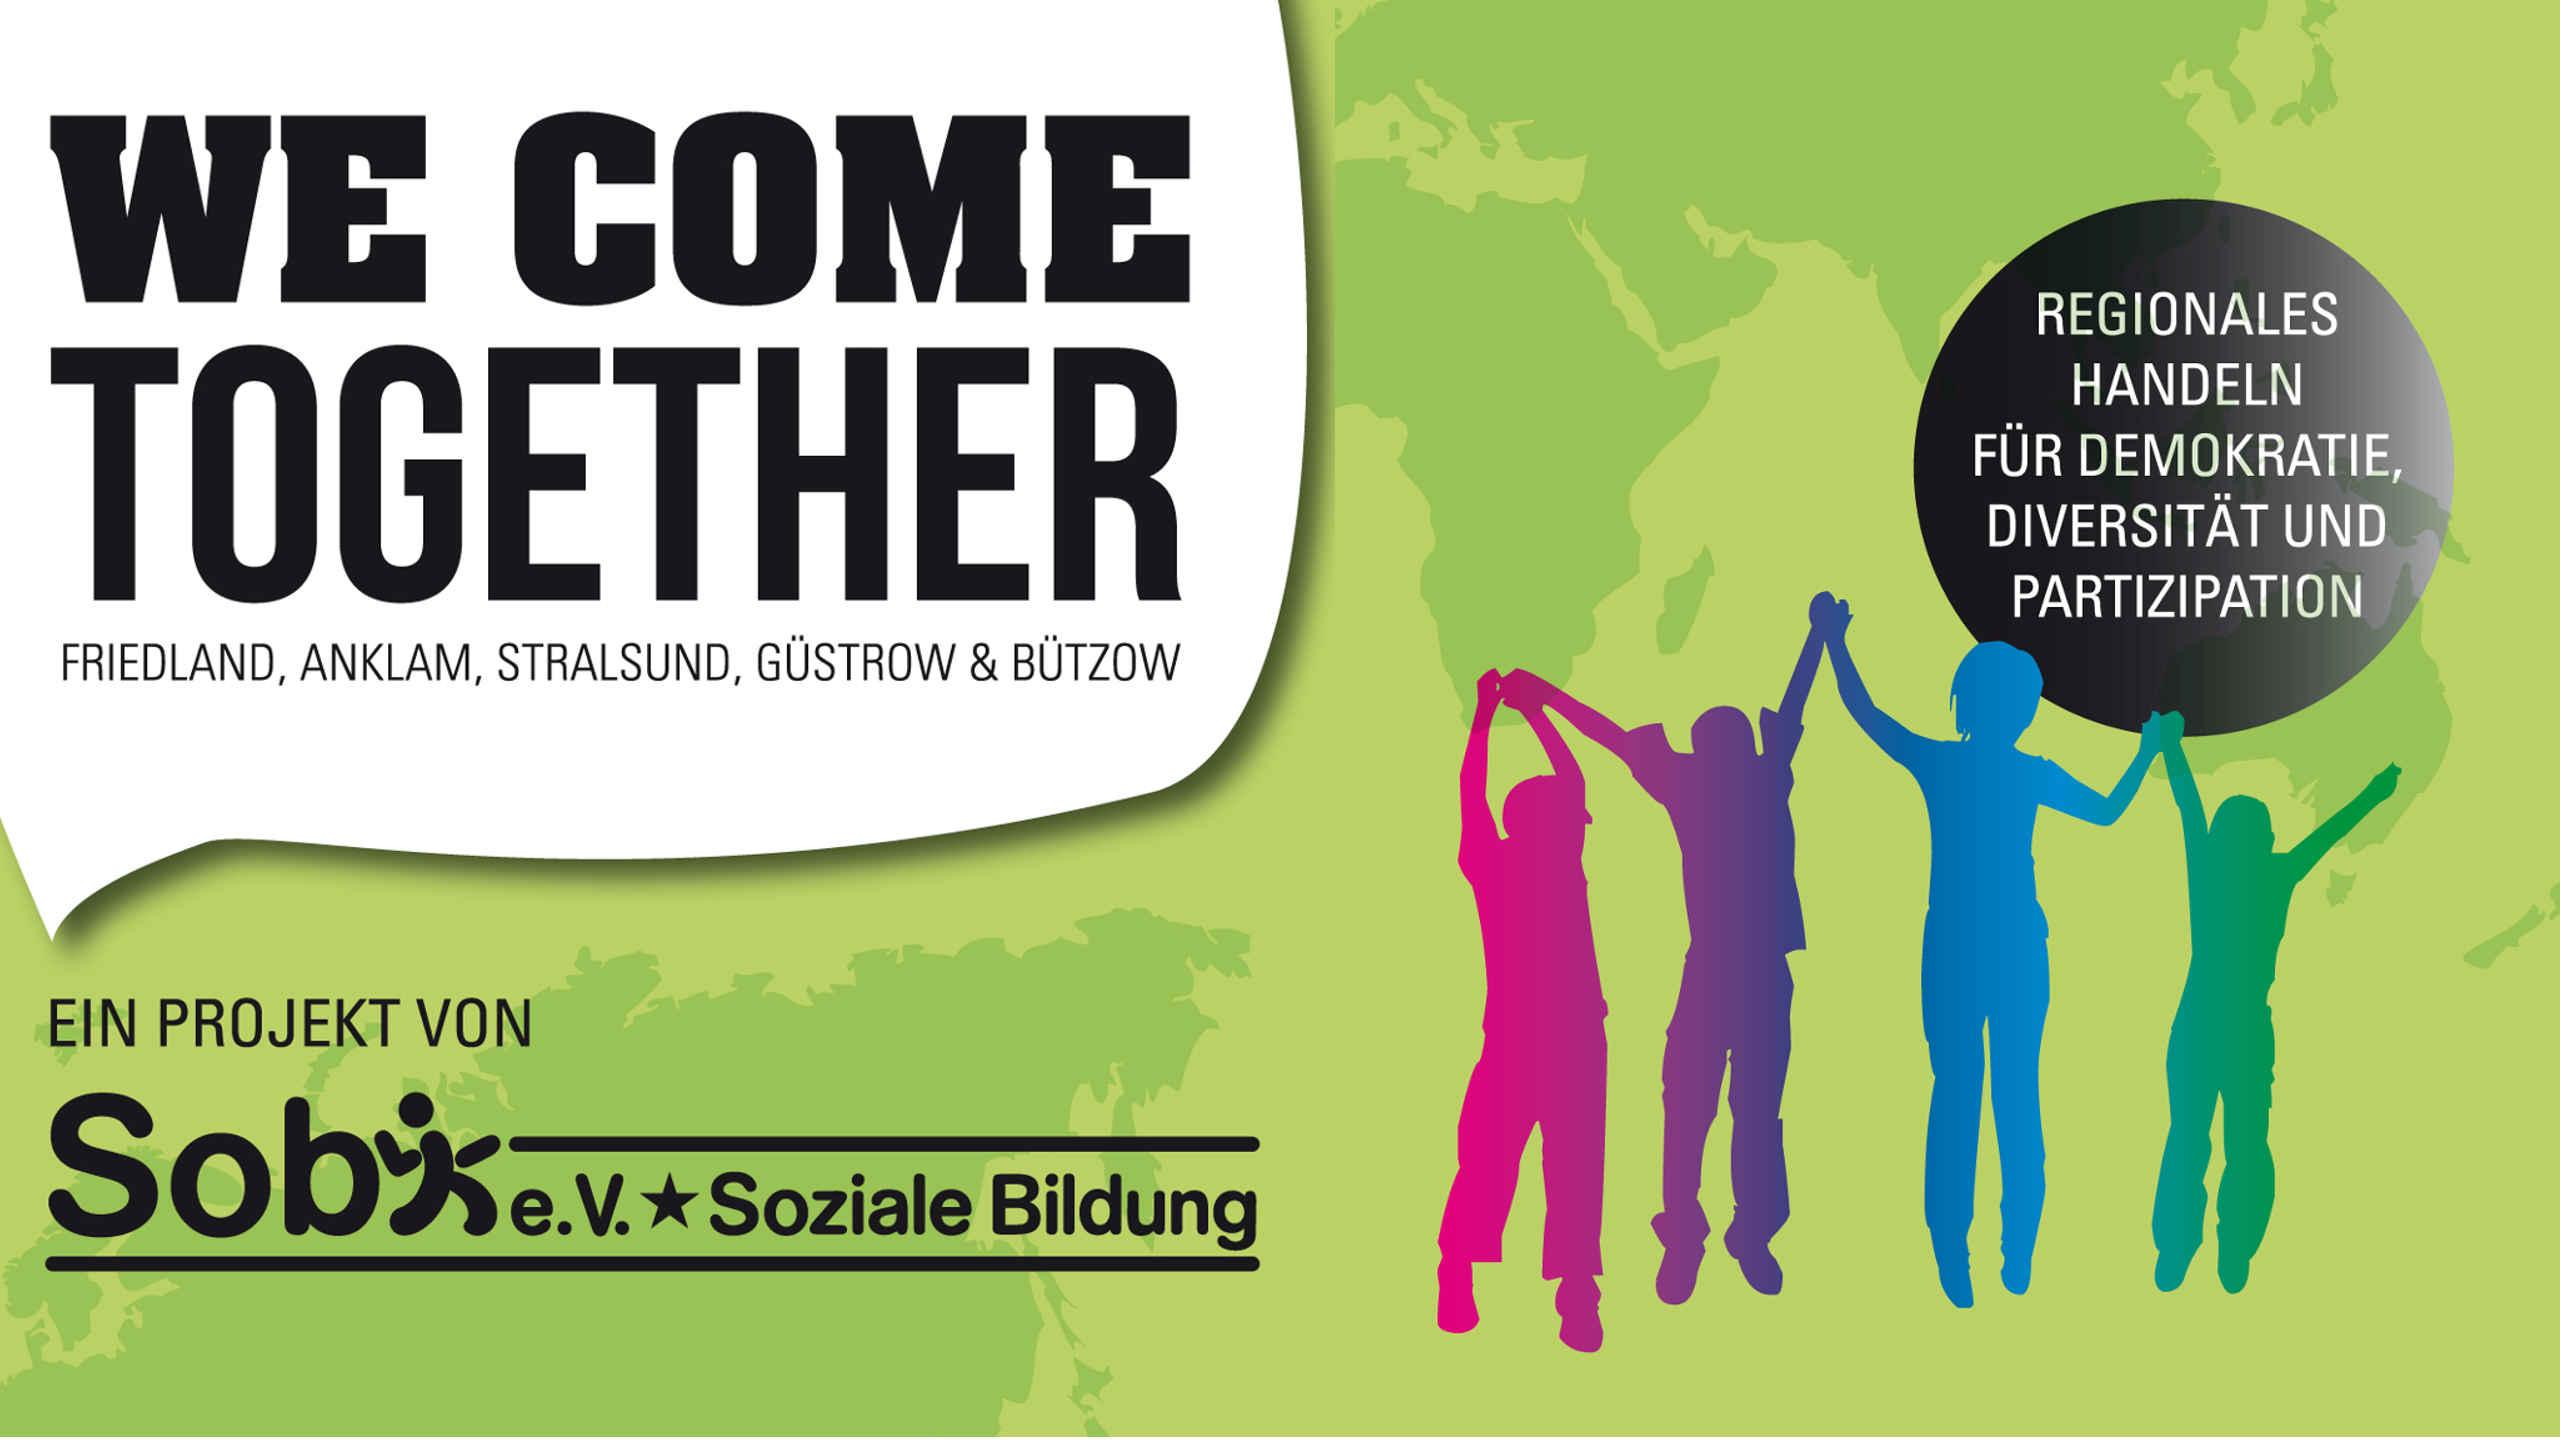 Modellprojekt: We come together